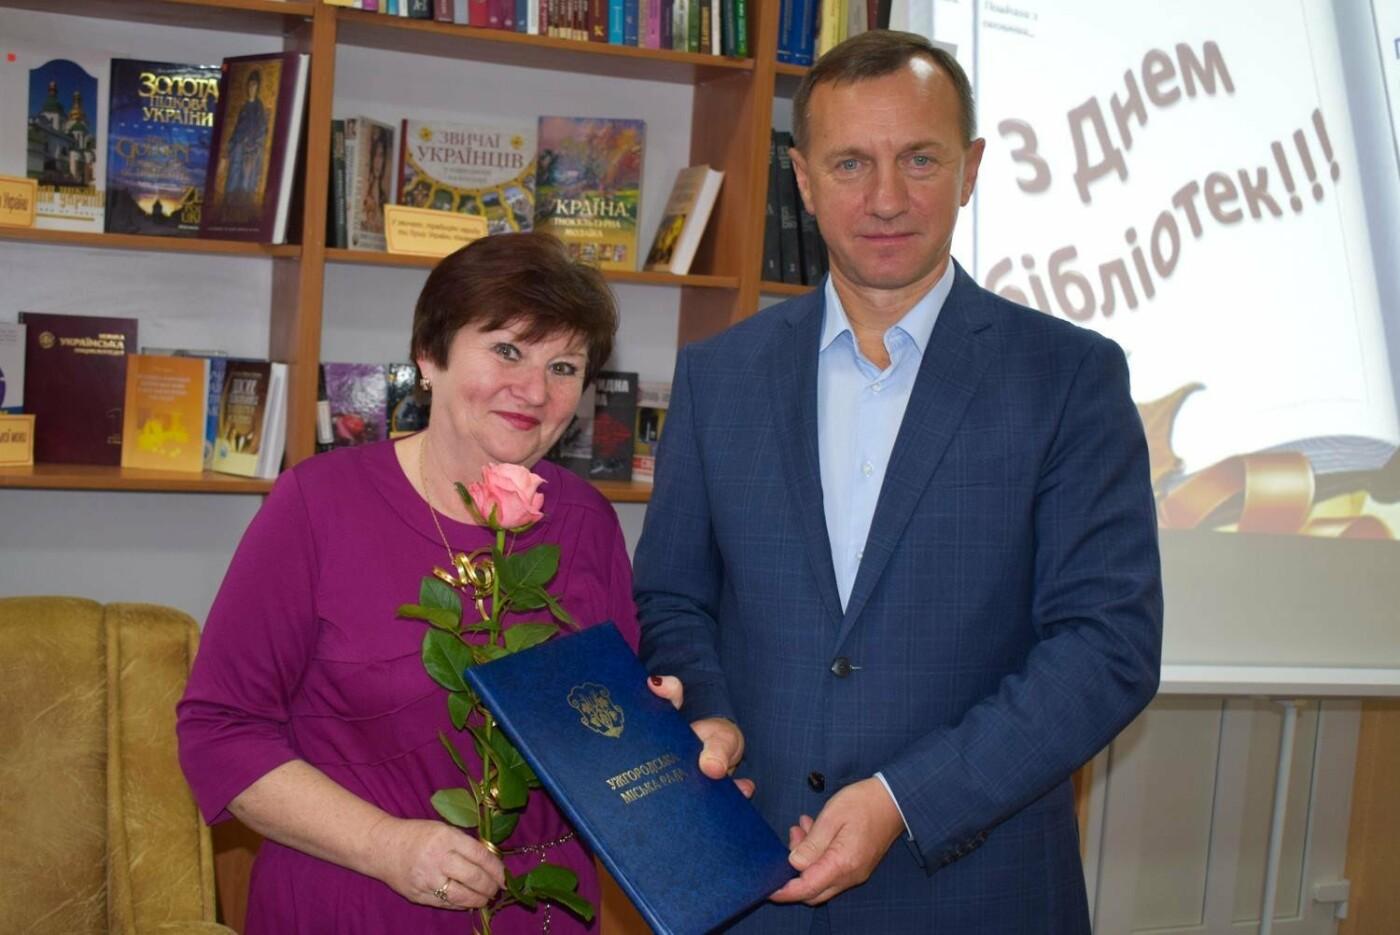 В Ужгороді з нагоди професійного свята привітали працівників бібліотек Ужгорода (ФОТО), фото-8